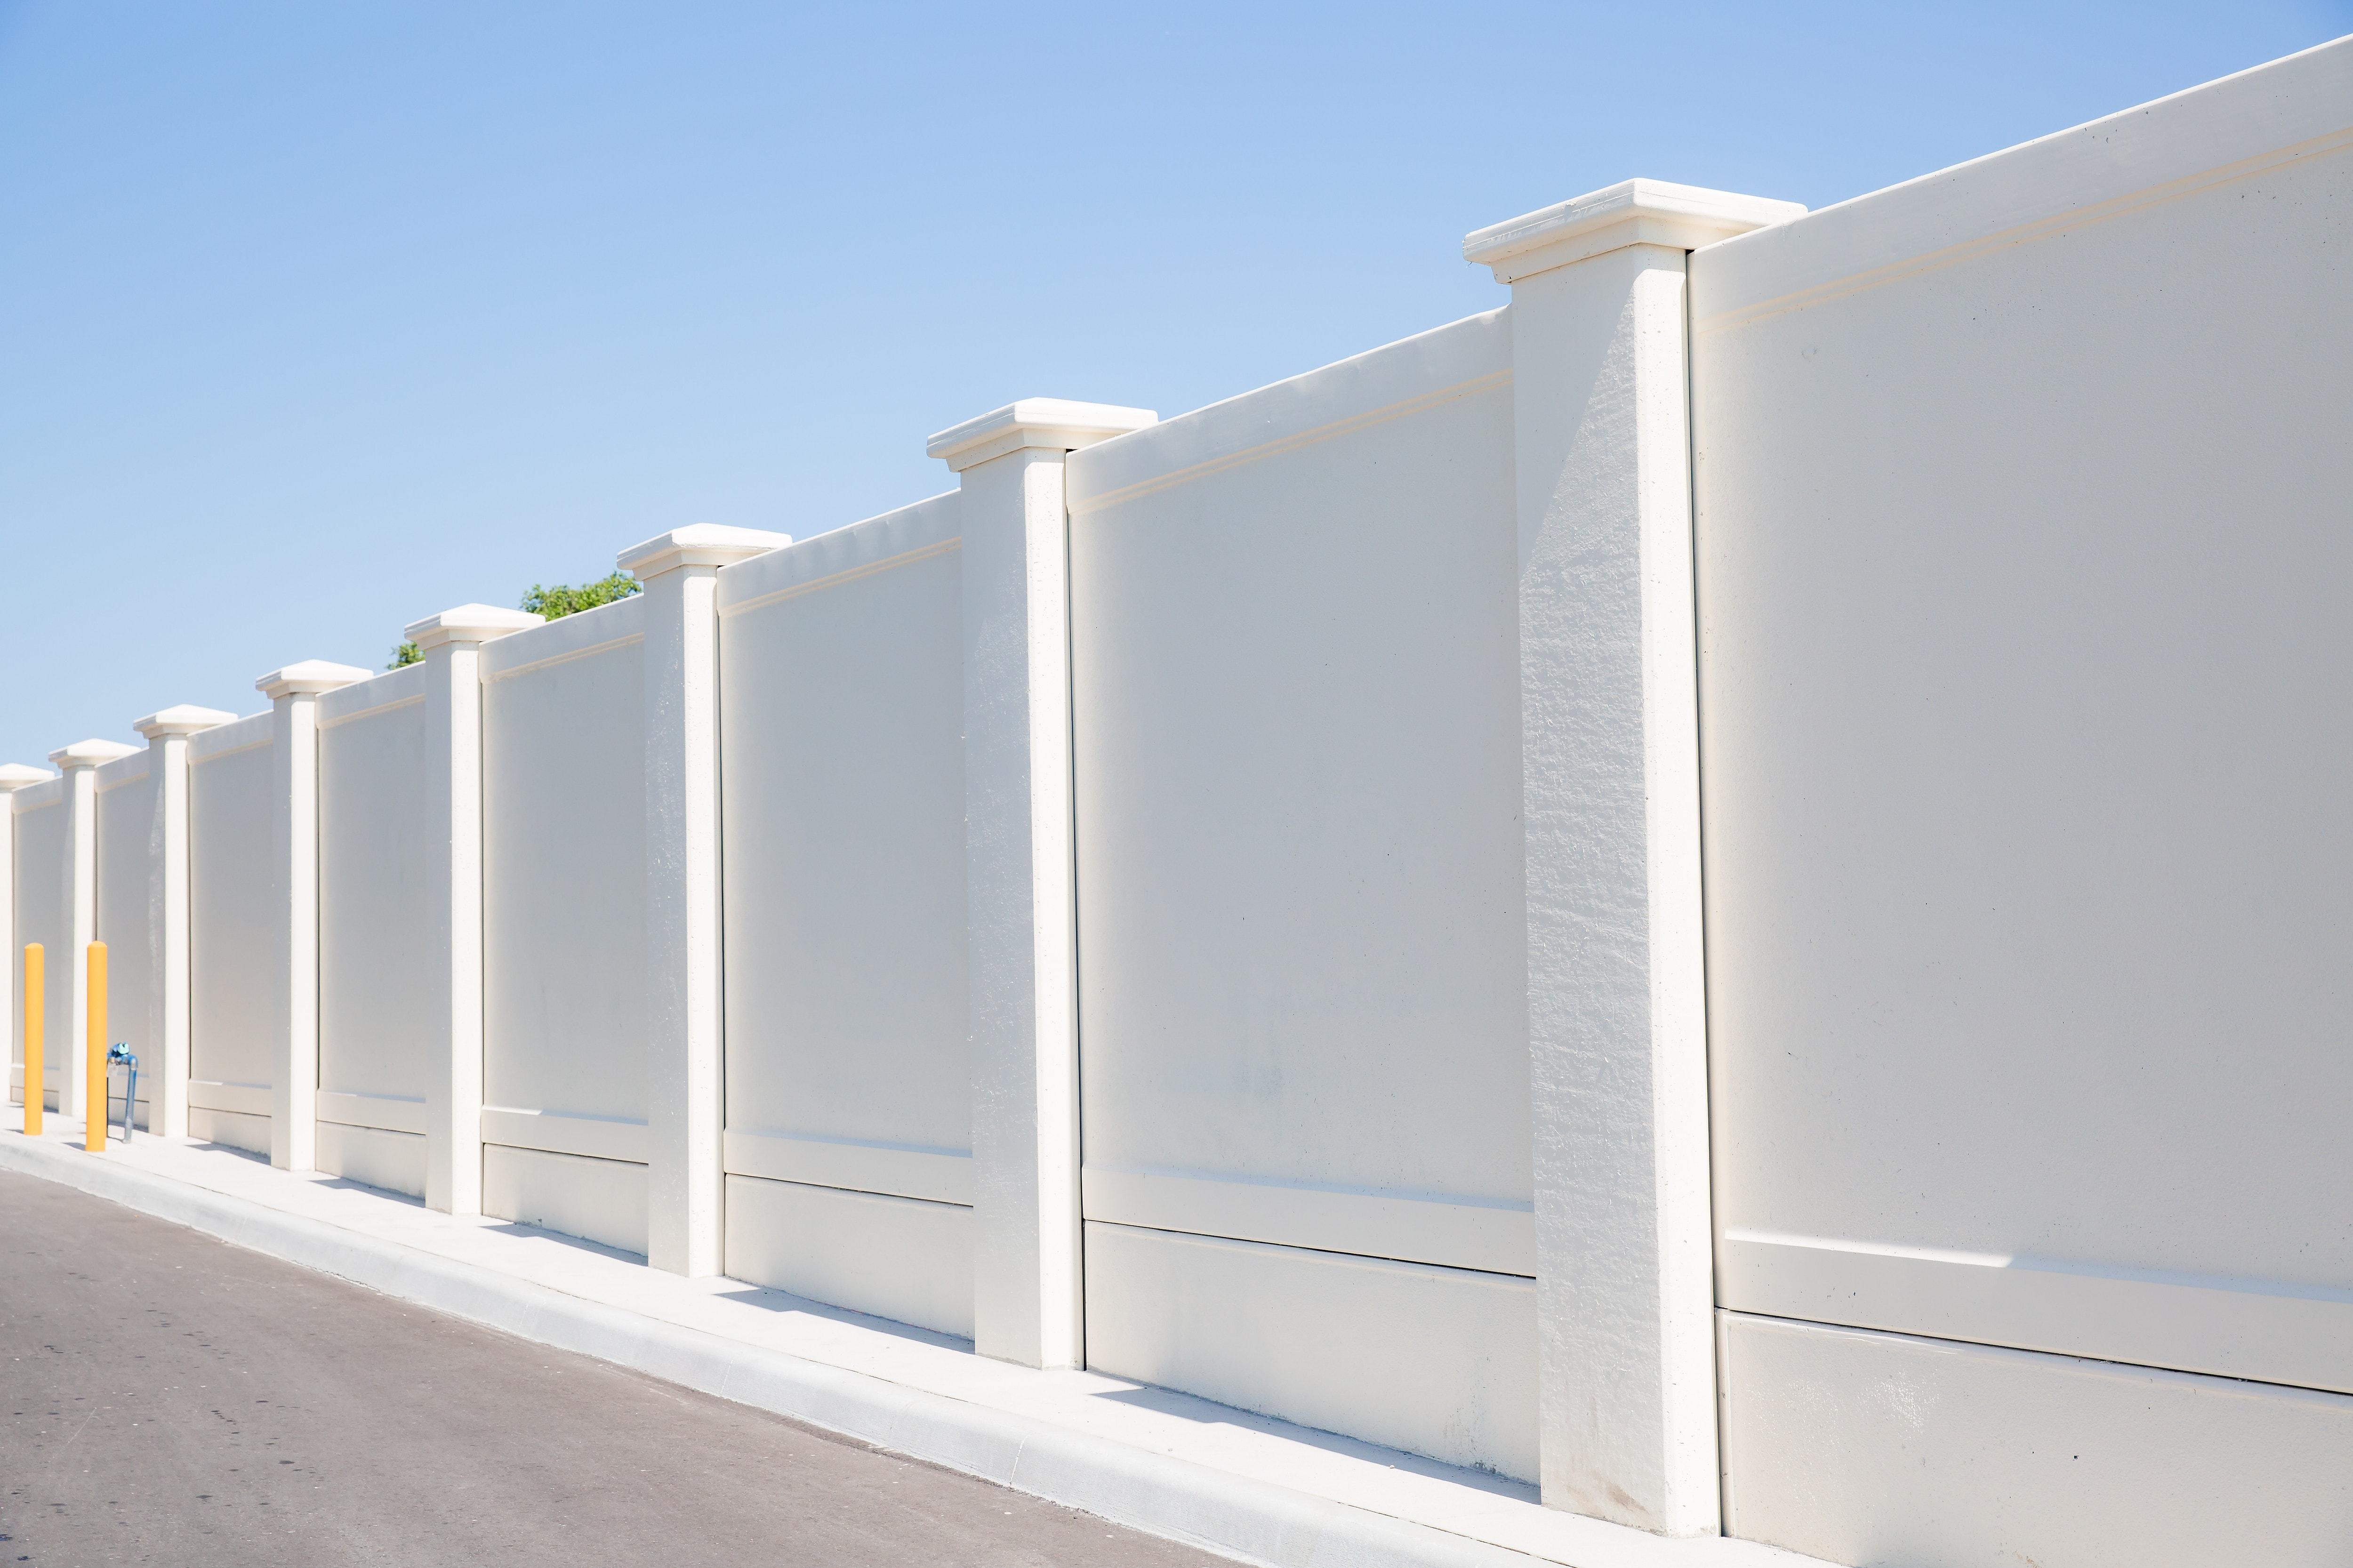 Permacast precast concrete fence in white